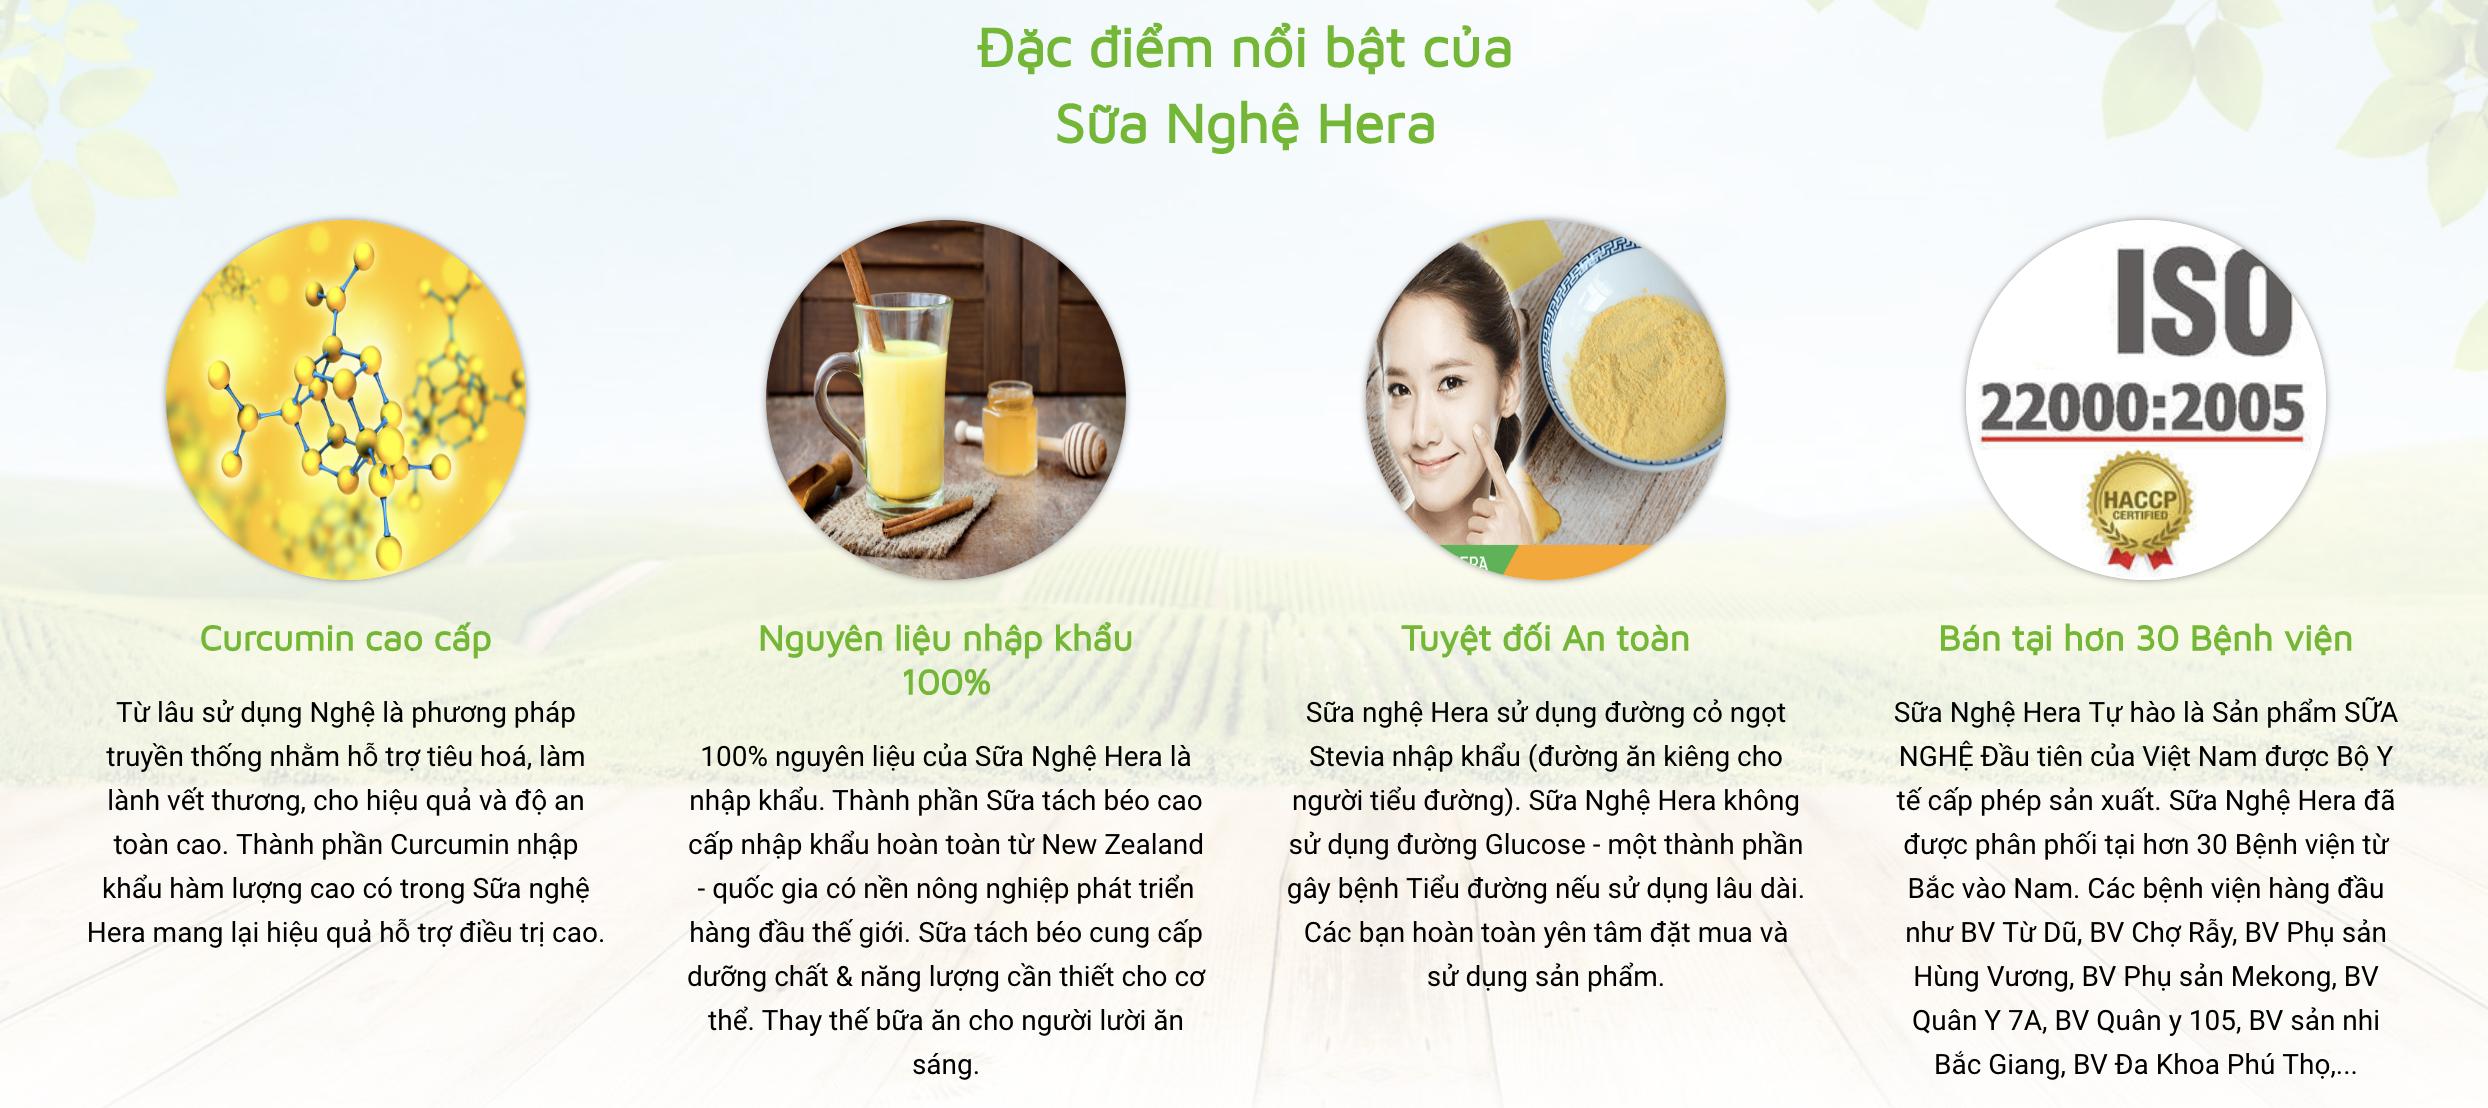 Sữa Nghệ Hera 1 Sản Phẩm Bảo Vệ Sức Khỏe 2